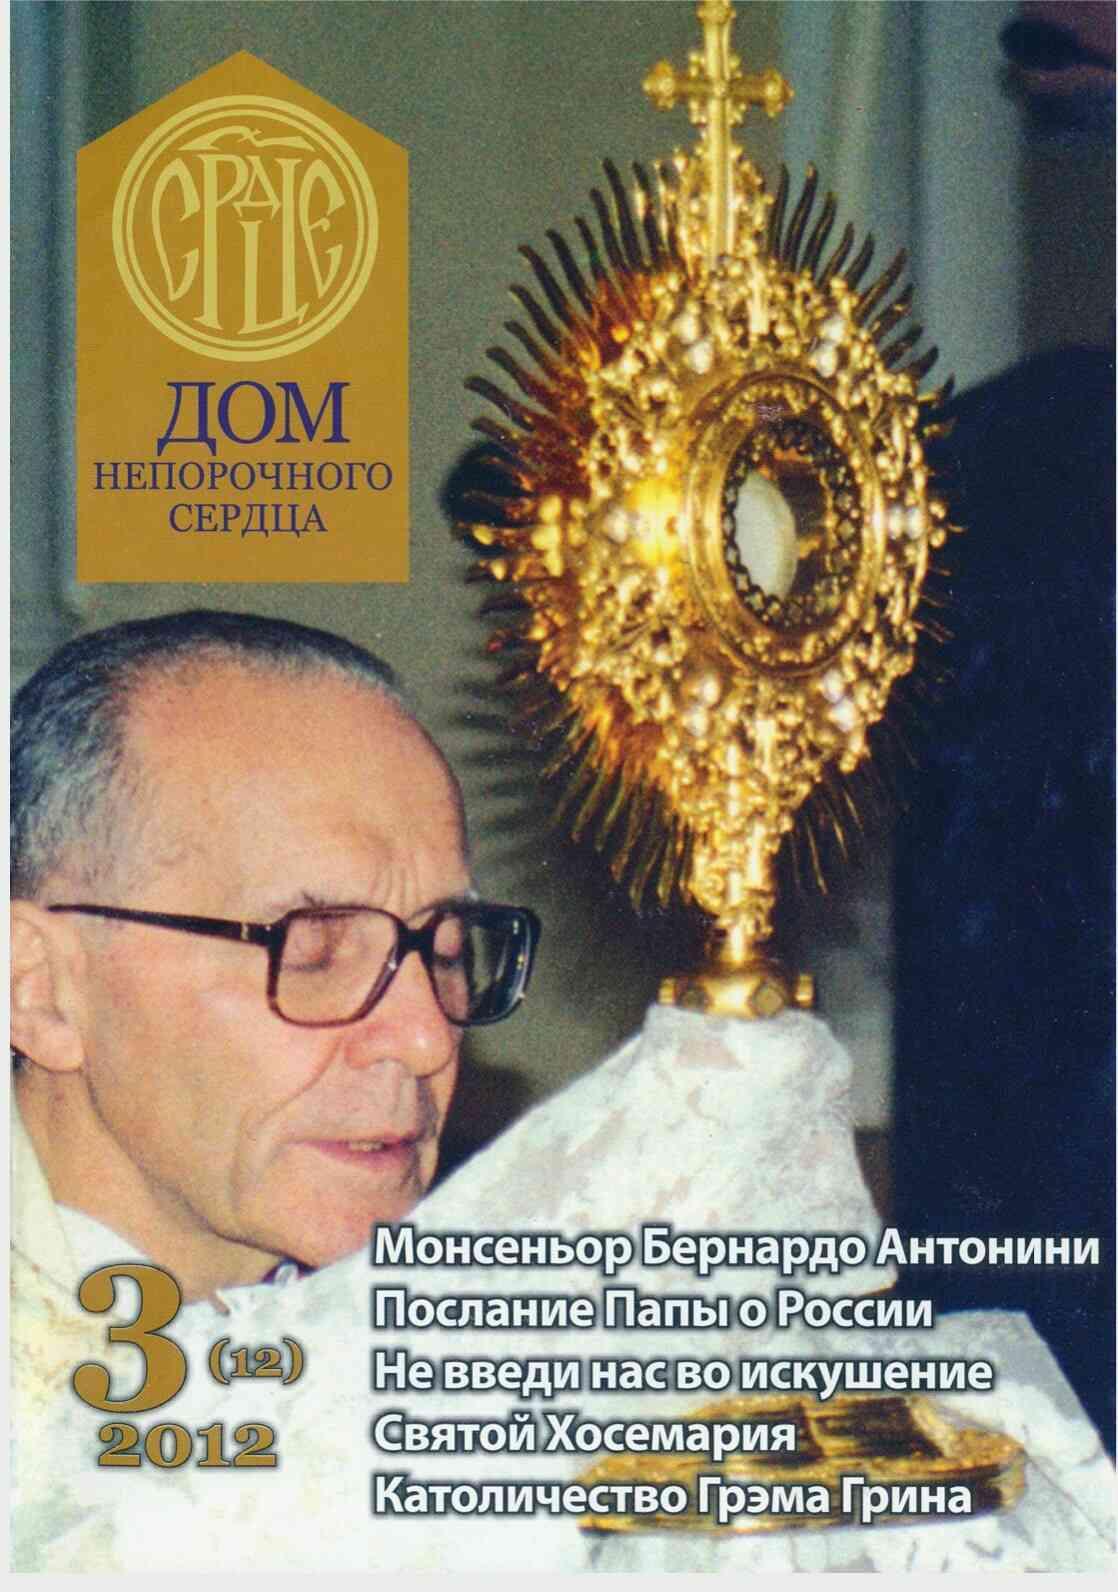 Журнал «Дом Непорочного Сердца» № 3 (12) 2012 год